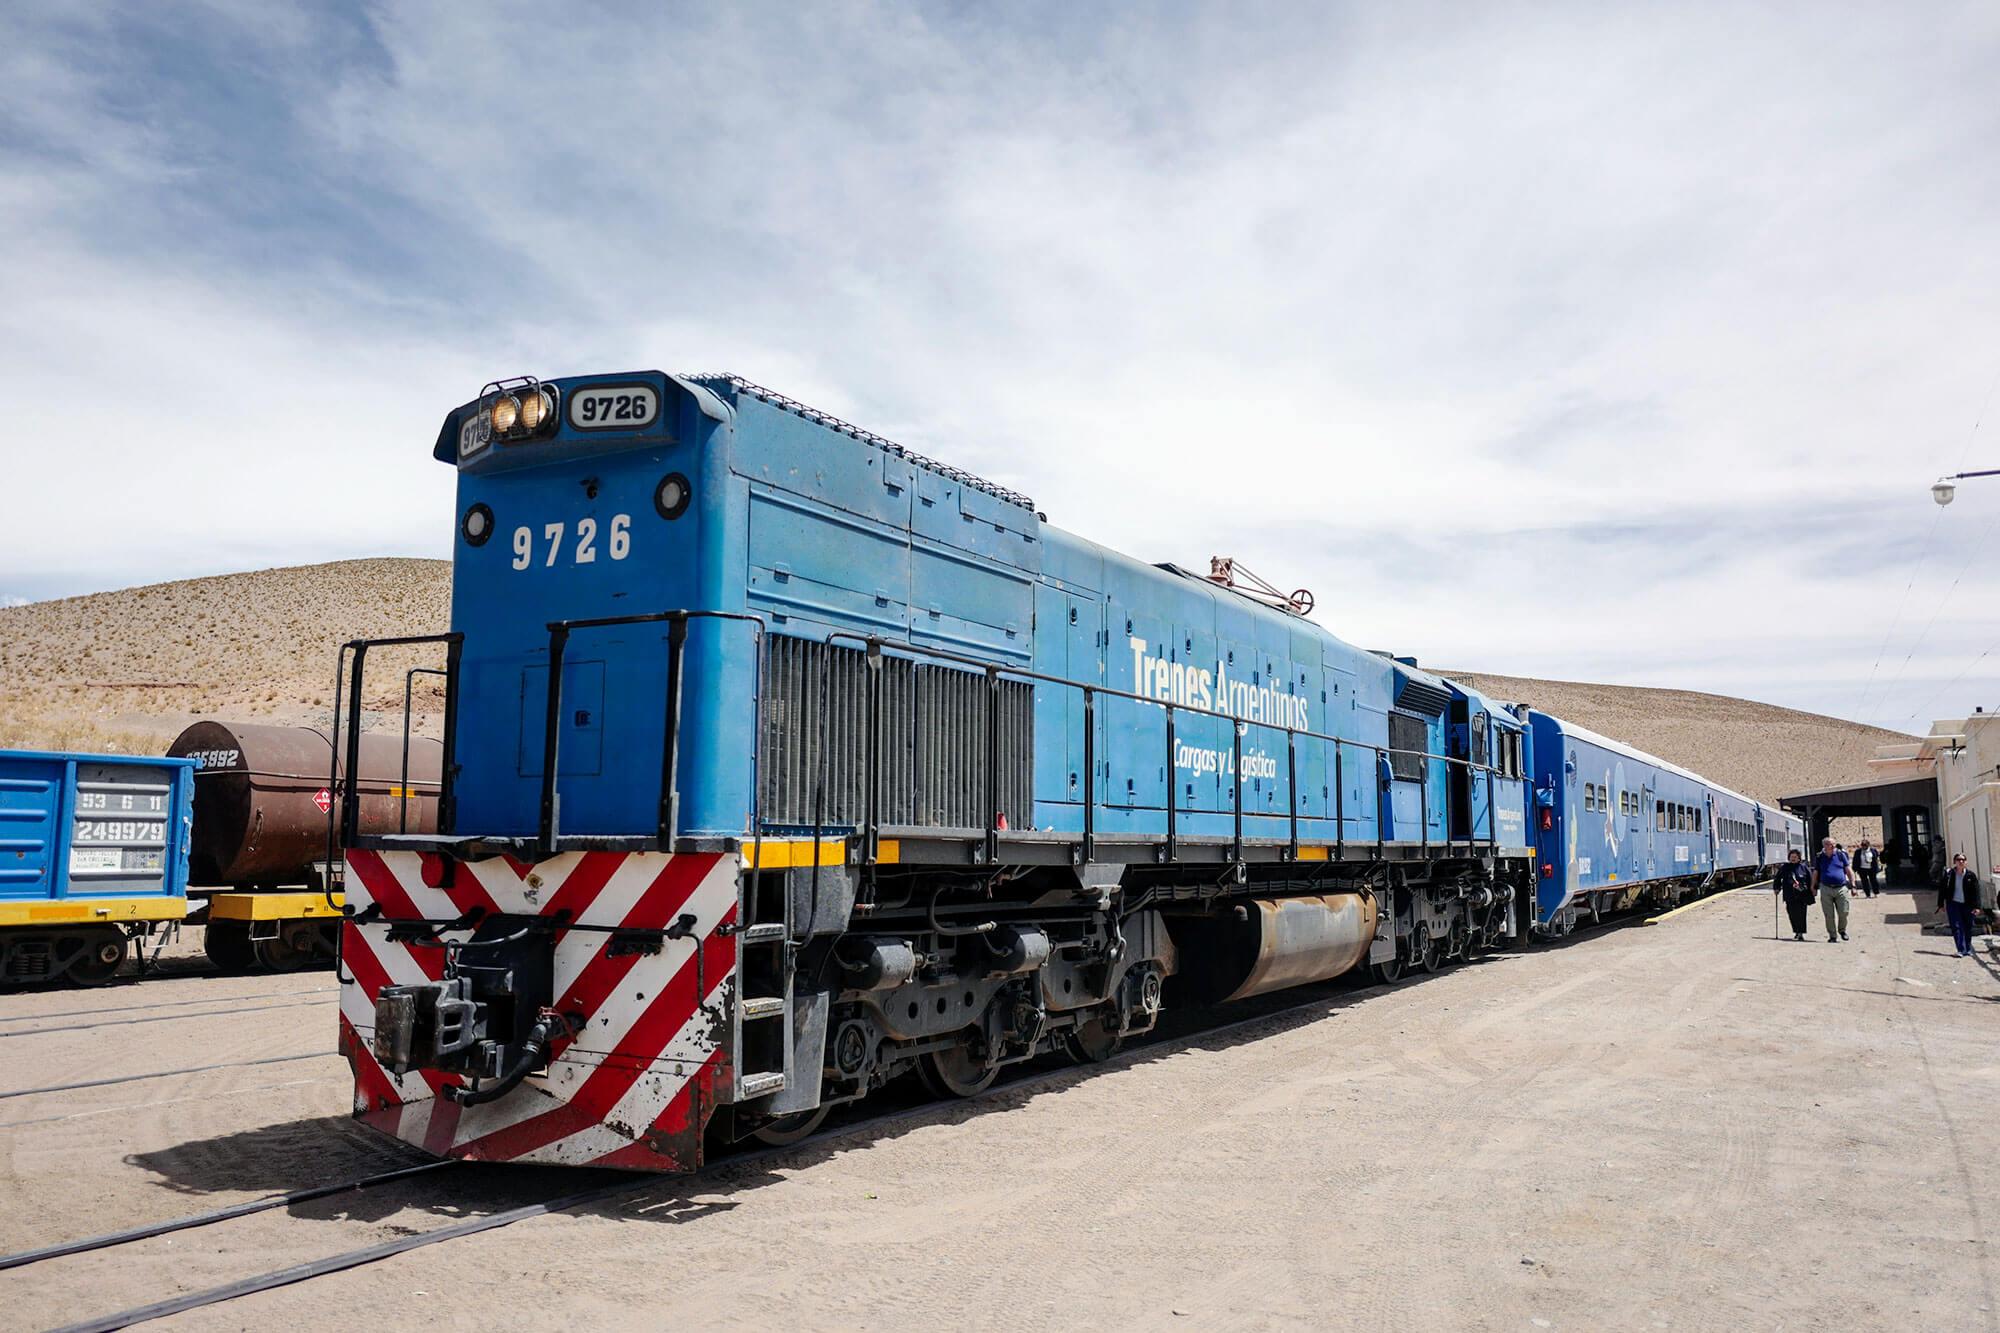 Tren a las Nubes arriving in San Antonio de los Cobres